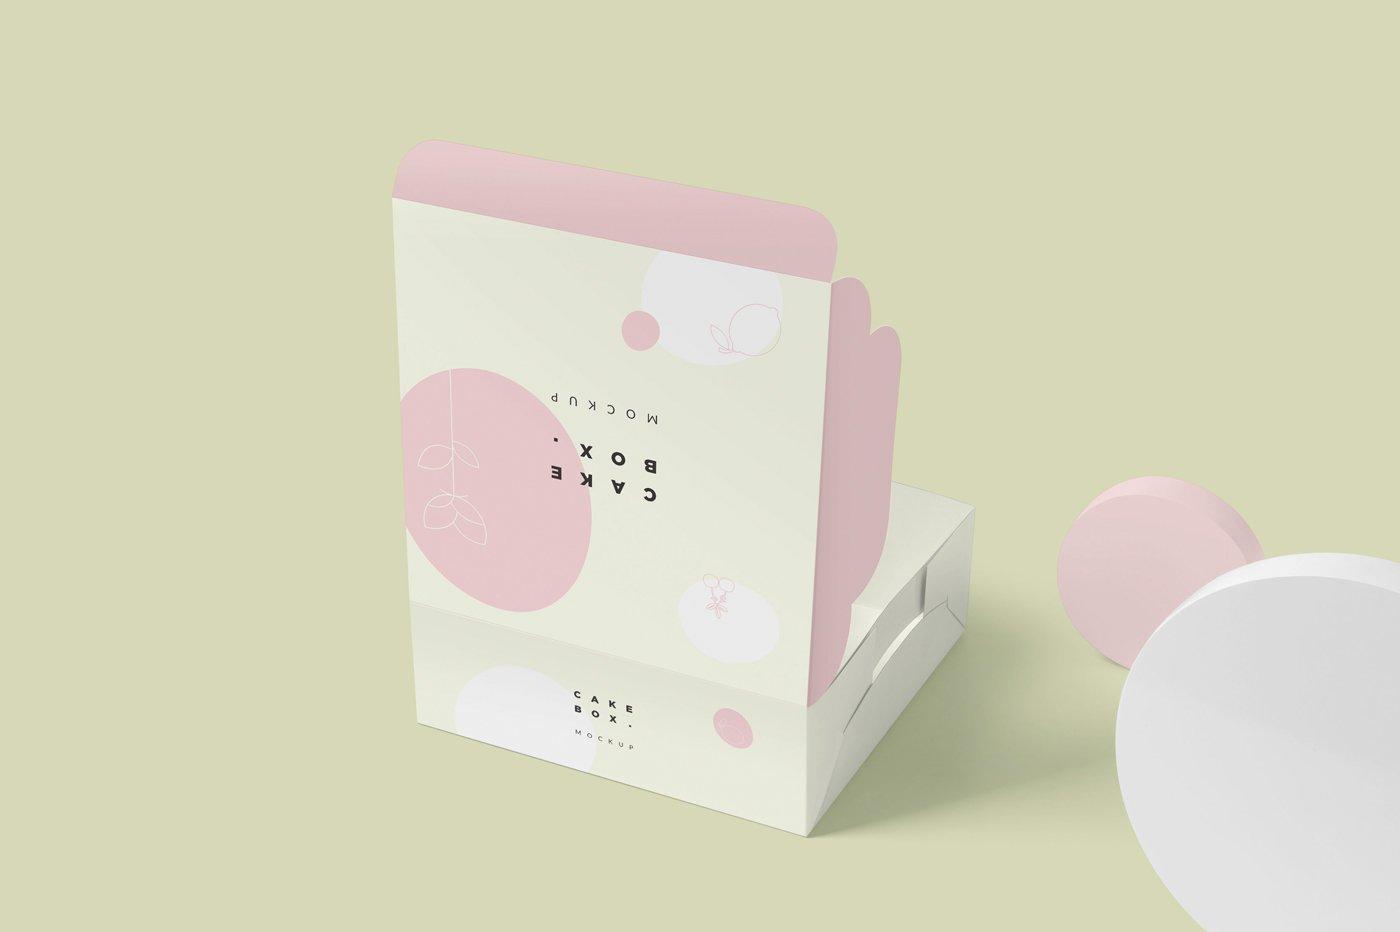 方形蛋糕纸板盒设计展示样机 Large Square Cake Cardboard Box Mockups插图(3)